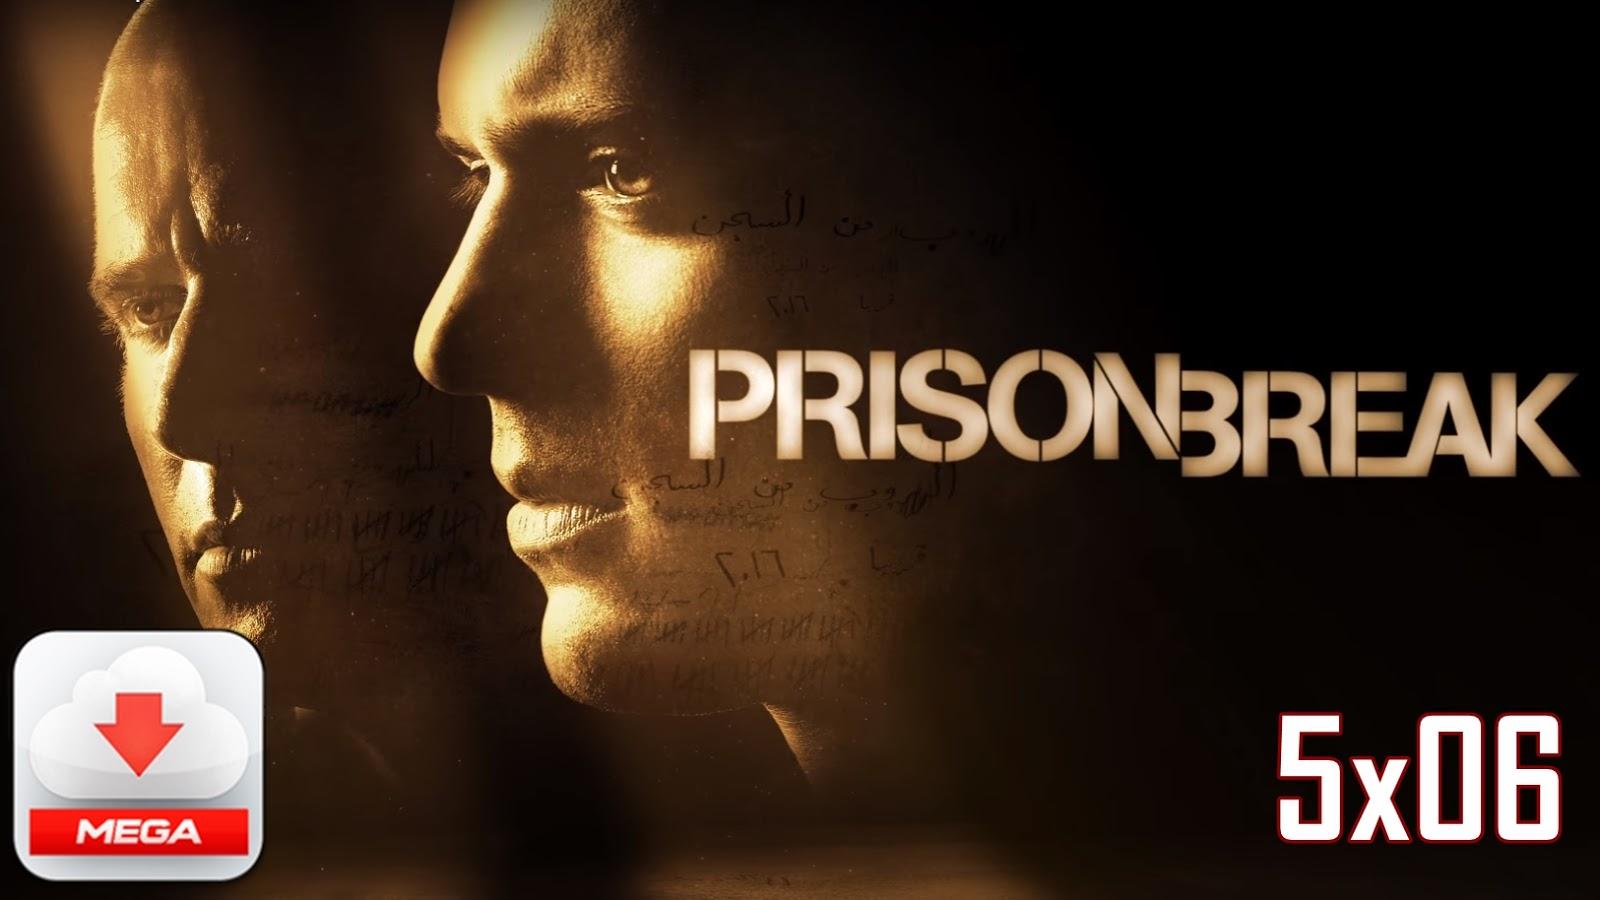 Descargar todas las temporadas de prison break google drive.